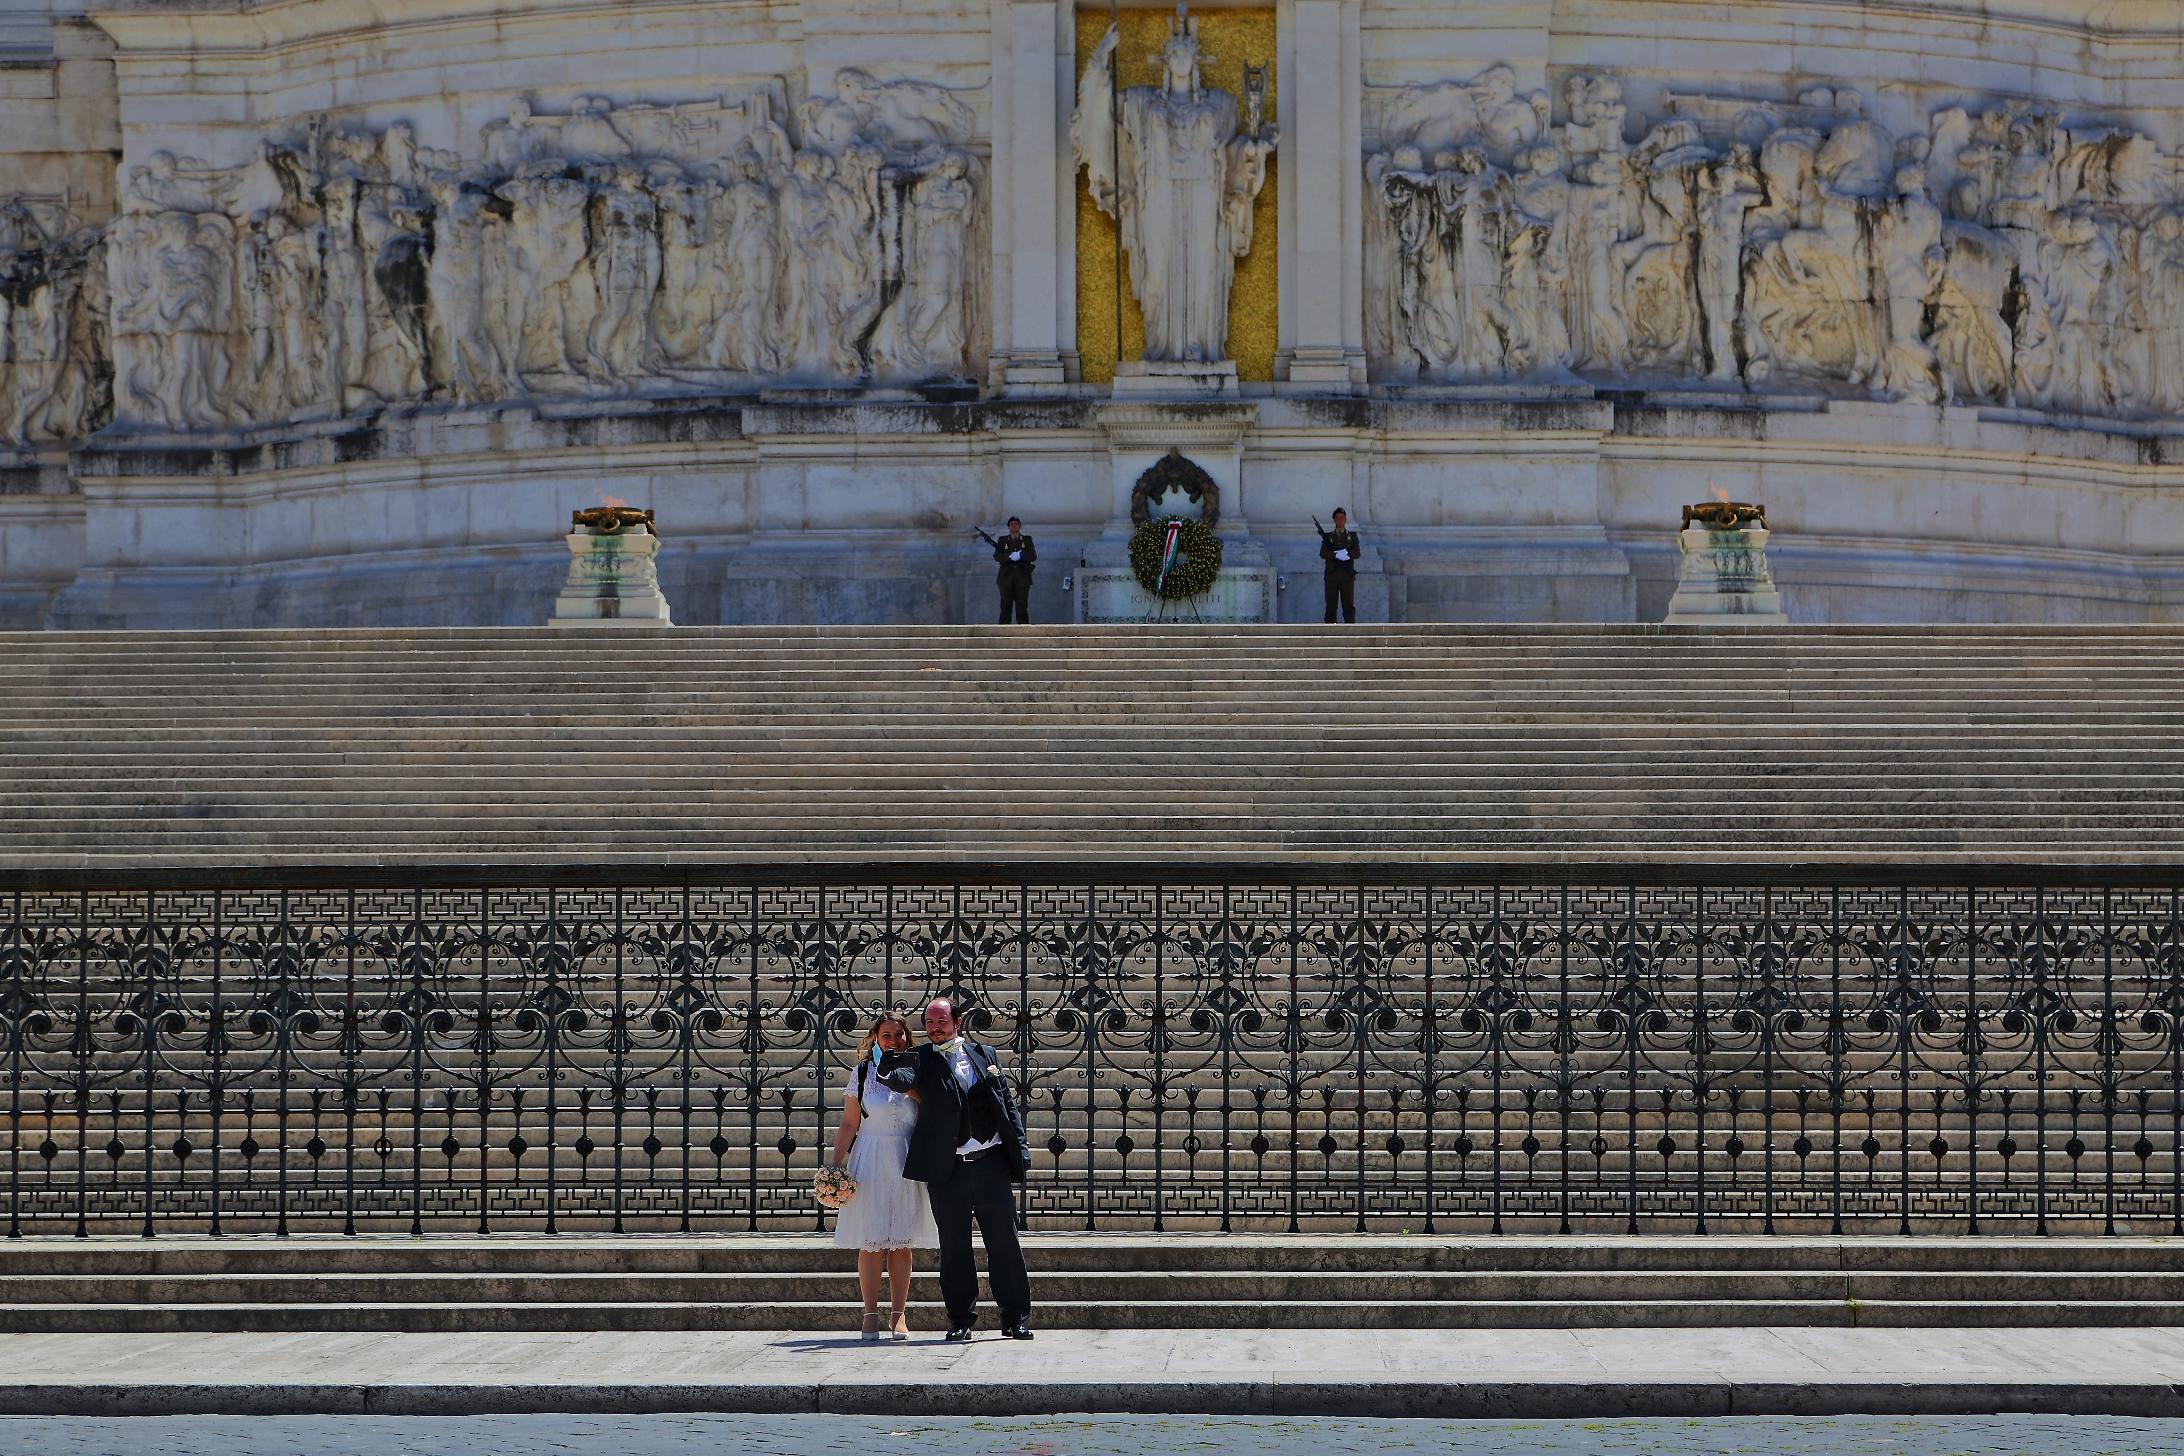 Matrimonio al tempo del Covid - Piazza Venezia...